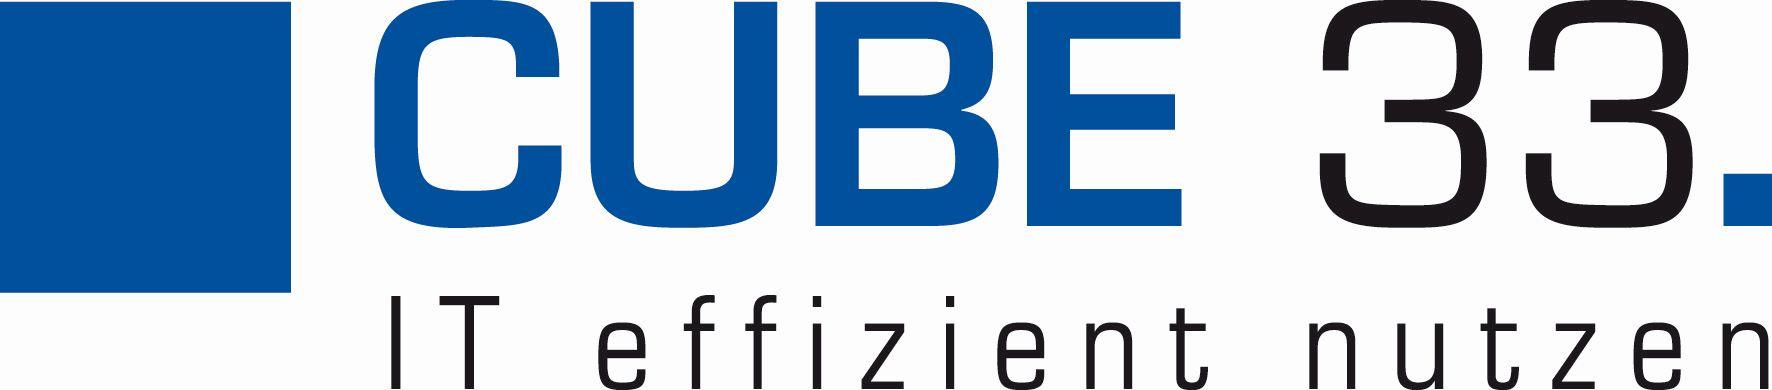 CUBE33 GmbH